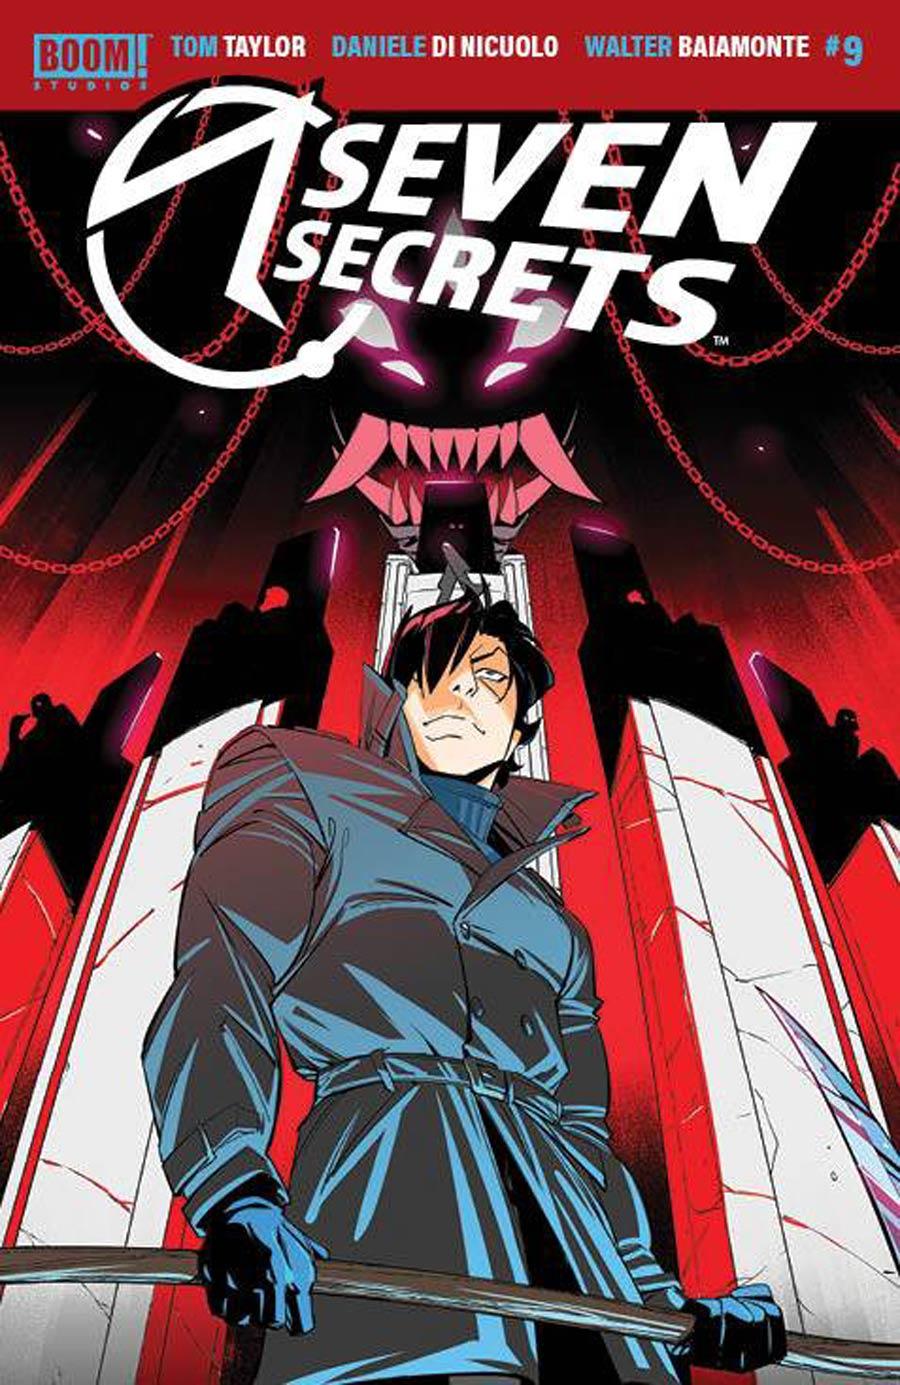 Seven Secrets #9 Cover A Regular Daniele di Nicuolo Cover